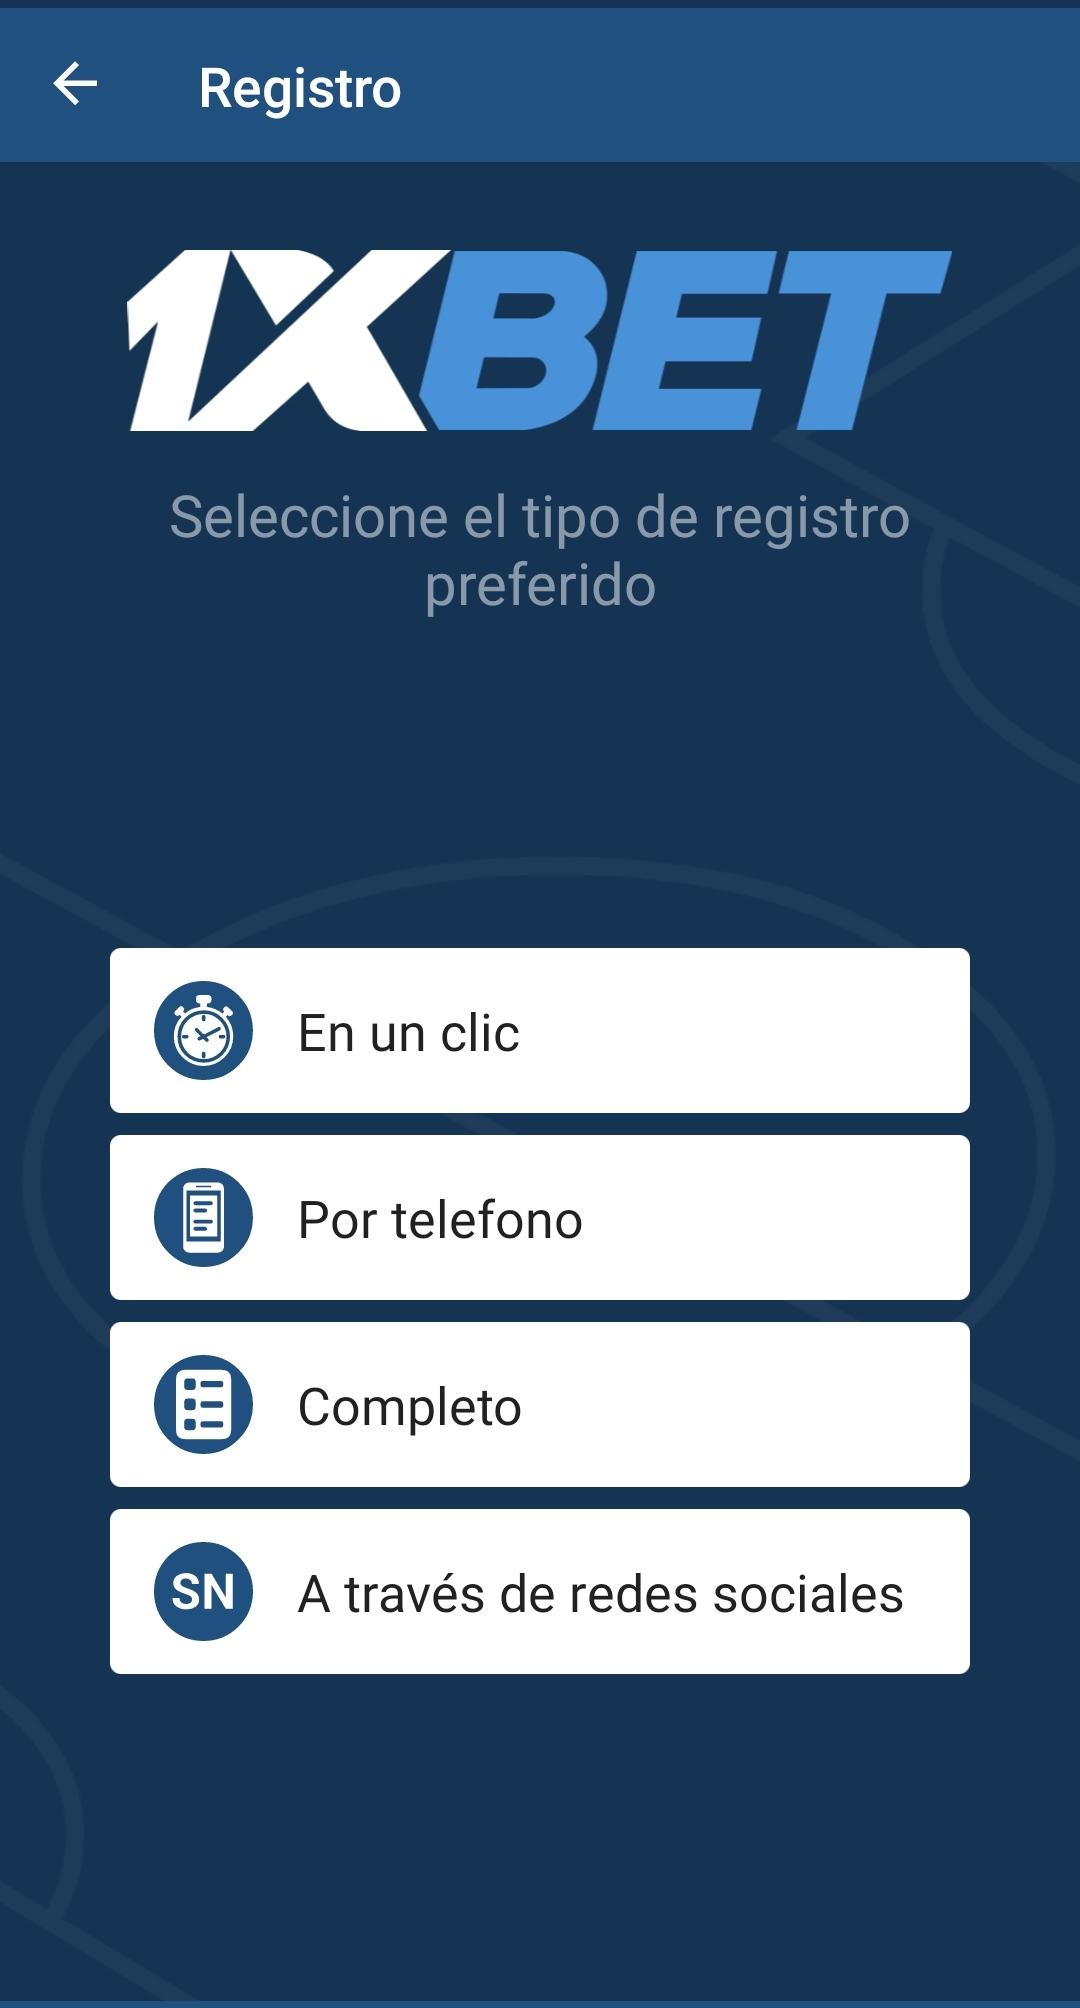 1xBet app Peru